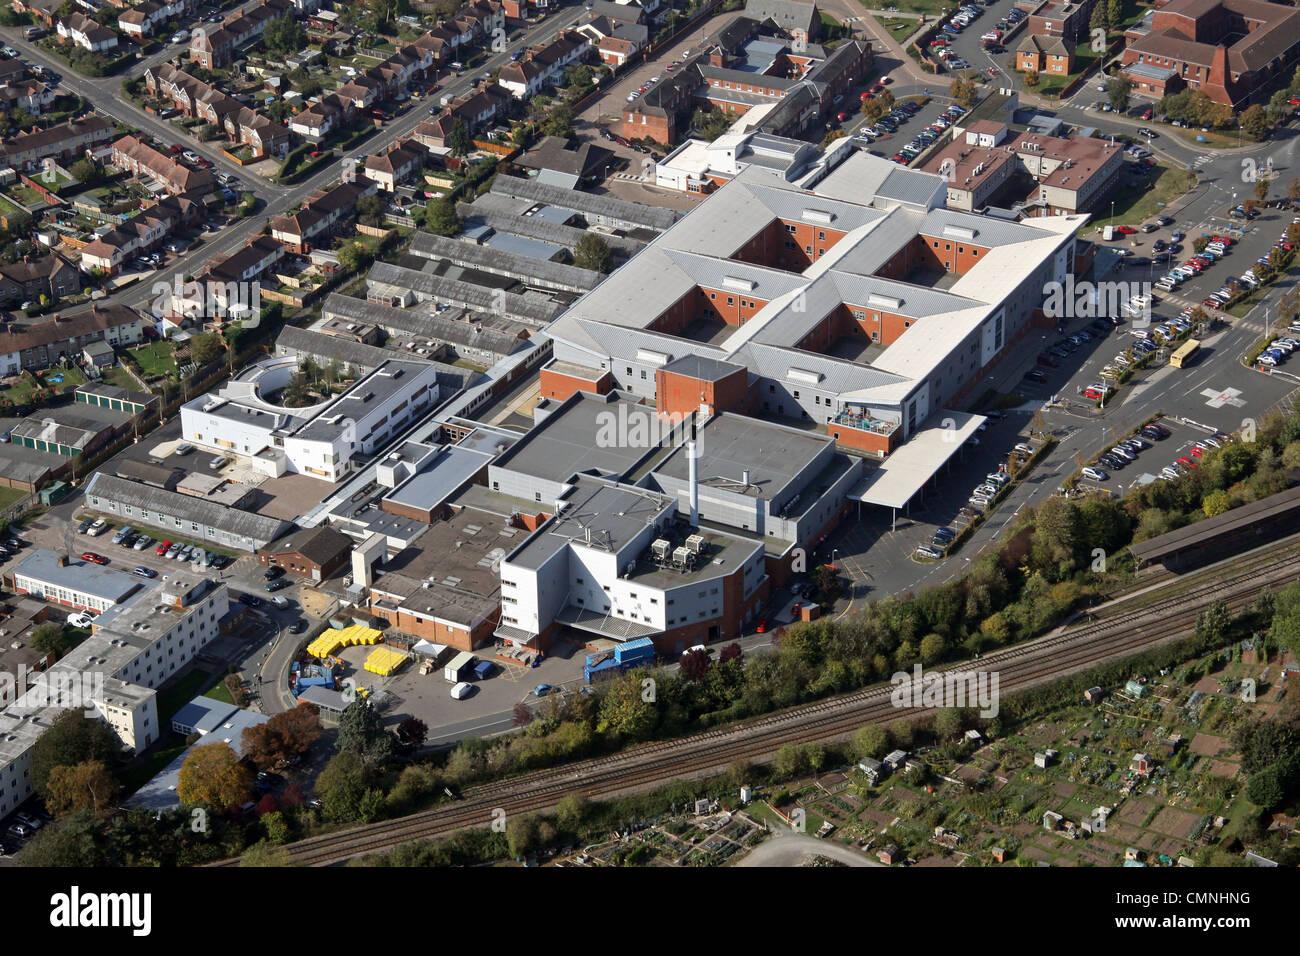 Vue aérienne de l'Hôpital du comté de Hereford Photo Stock